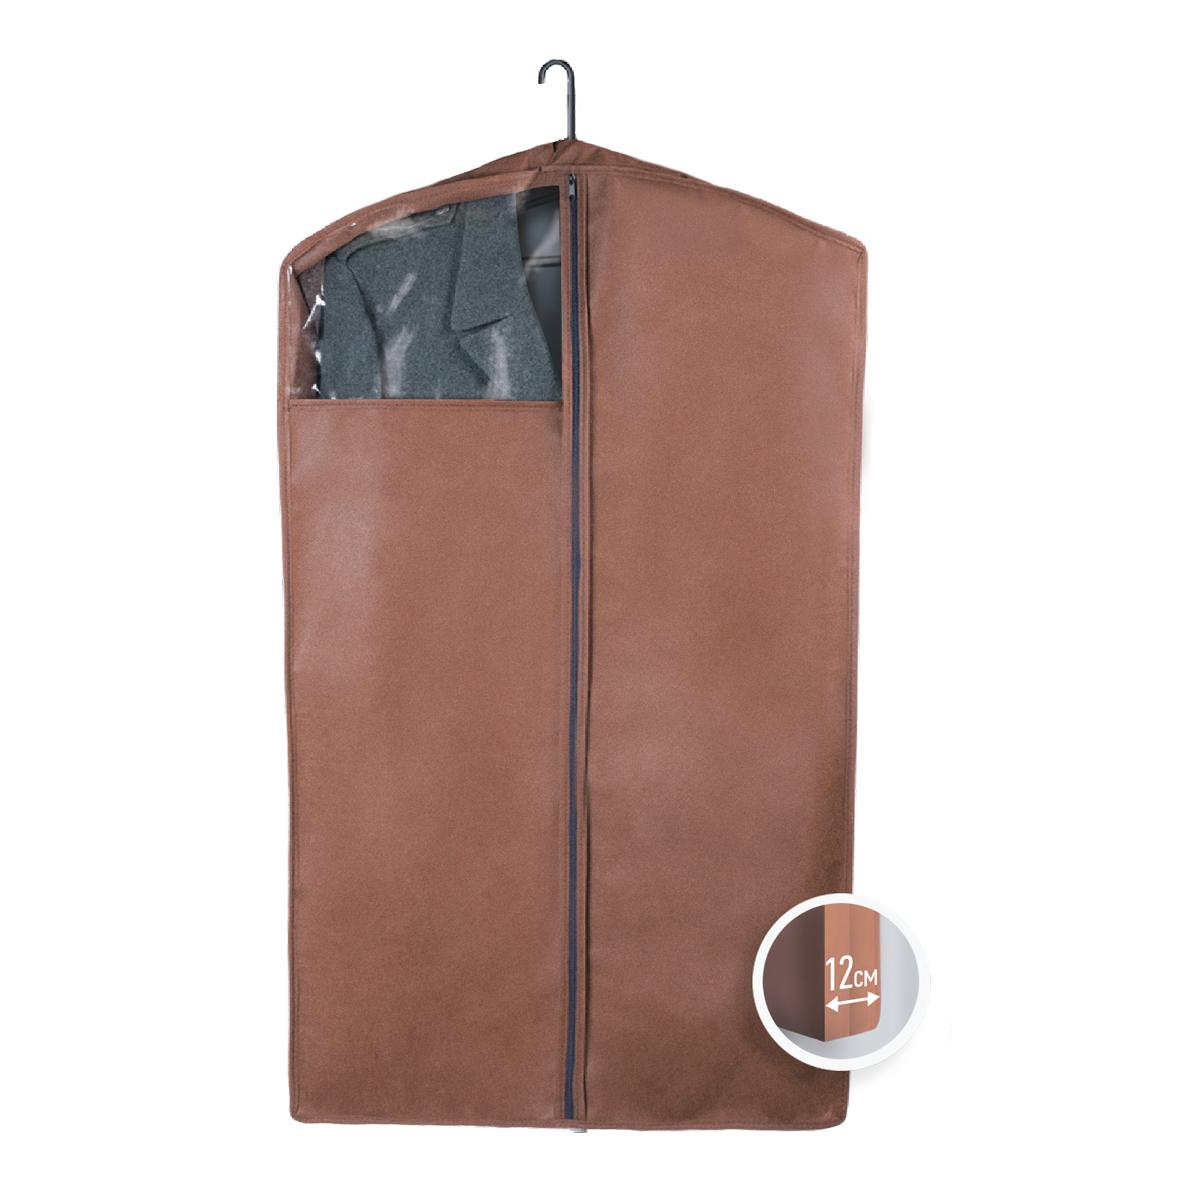 Чехол для верхней одежды Miolla, с окошком, цвет: коричневый, 100 х 60 х 12 смV4140/1SЧехол для верхней одежды Miolla на застежке-молнии выполнен из высококачественного нетканого материала. Прозрачное полиэтиленовое окошко позволяет видеть содержимое чехла. Подходит для длительного хранения вещей.Чехол обеспечивает вашей одежде надежную защиту от влажности, повреждений и грязи при транспортировке, от запыления при хранении и проникновения моли. Чехол обладает водоотталкивающими свойствами, а также позволяет воздуху свободно поступать внутрь вещей, обеспечивая их кондиционирование. Это особенно важно при хранении кожаных и меховых изделий.Размер чехла: 100 х 60 х 12 см.